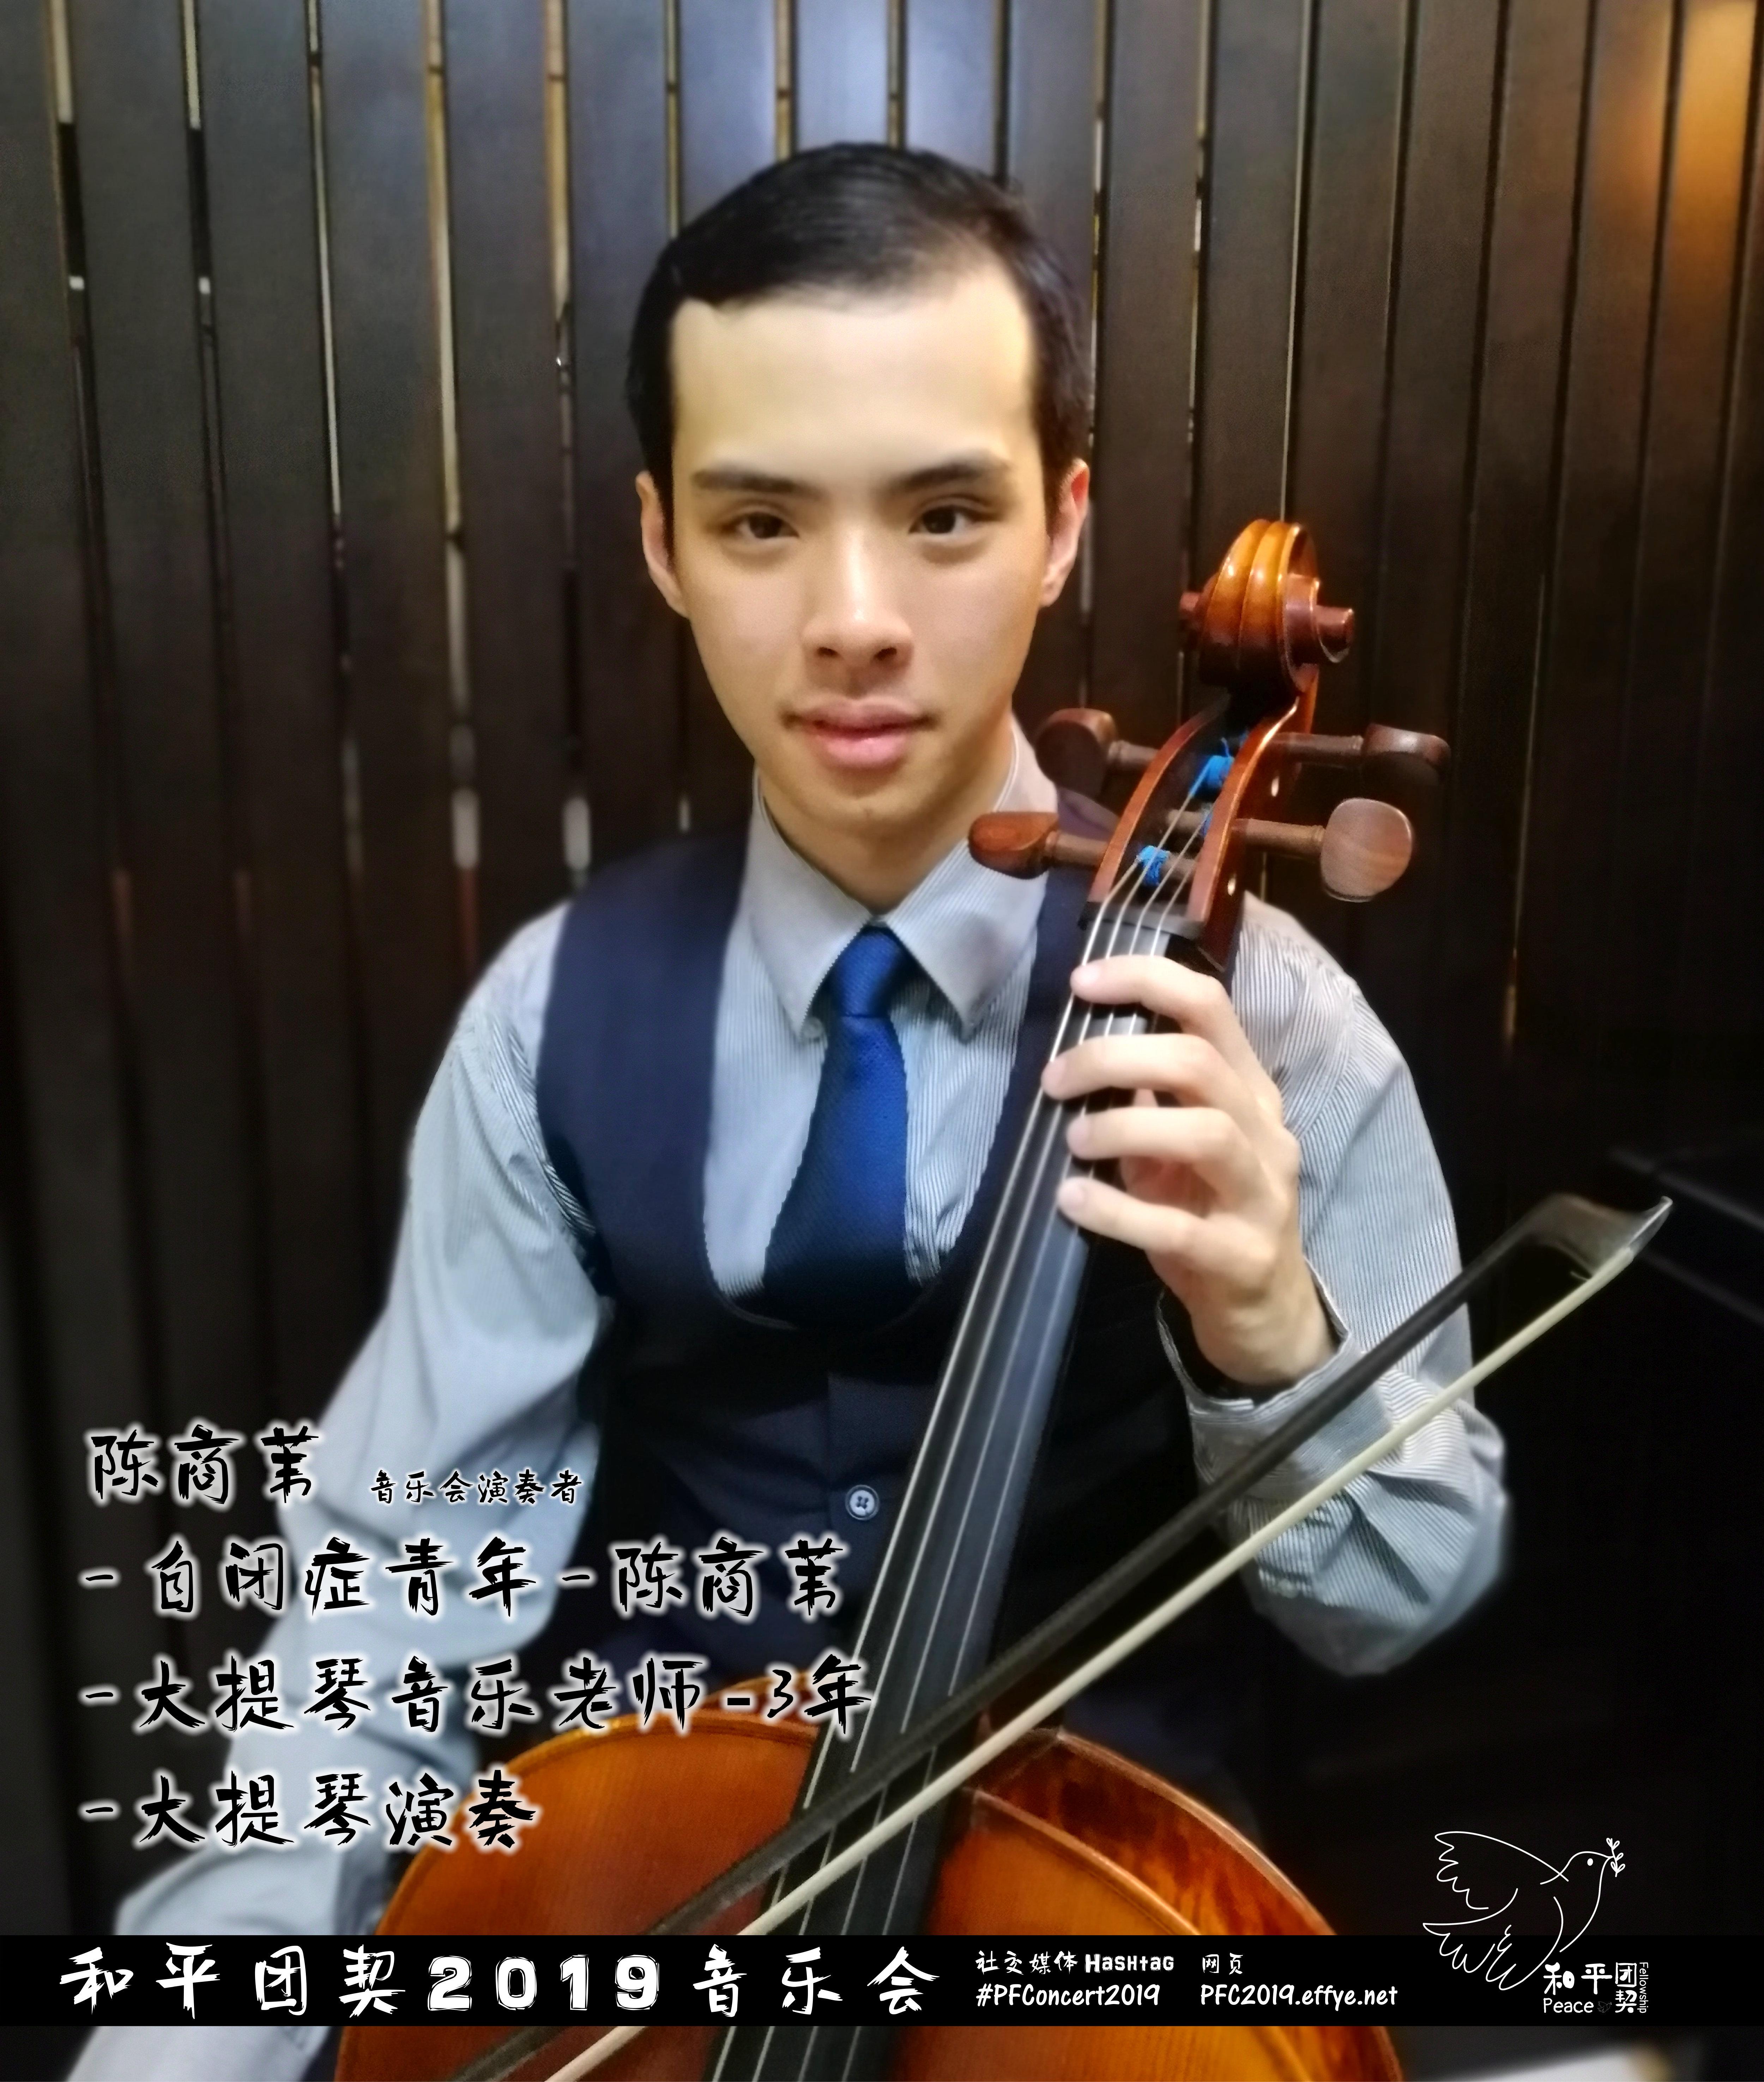 陈商苇 大提琴音乐老师 自闭症青年 生于音乐家庭 出生于马来西亚 柔佛州 新山 陈商苇出师于 New Opera Ltd 音乐总监 以及 Singapore Symphony Orchestra 大提琴家 Chan Wei Shing 先生 A01.jpg